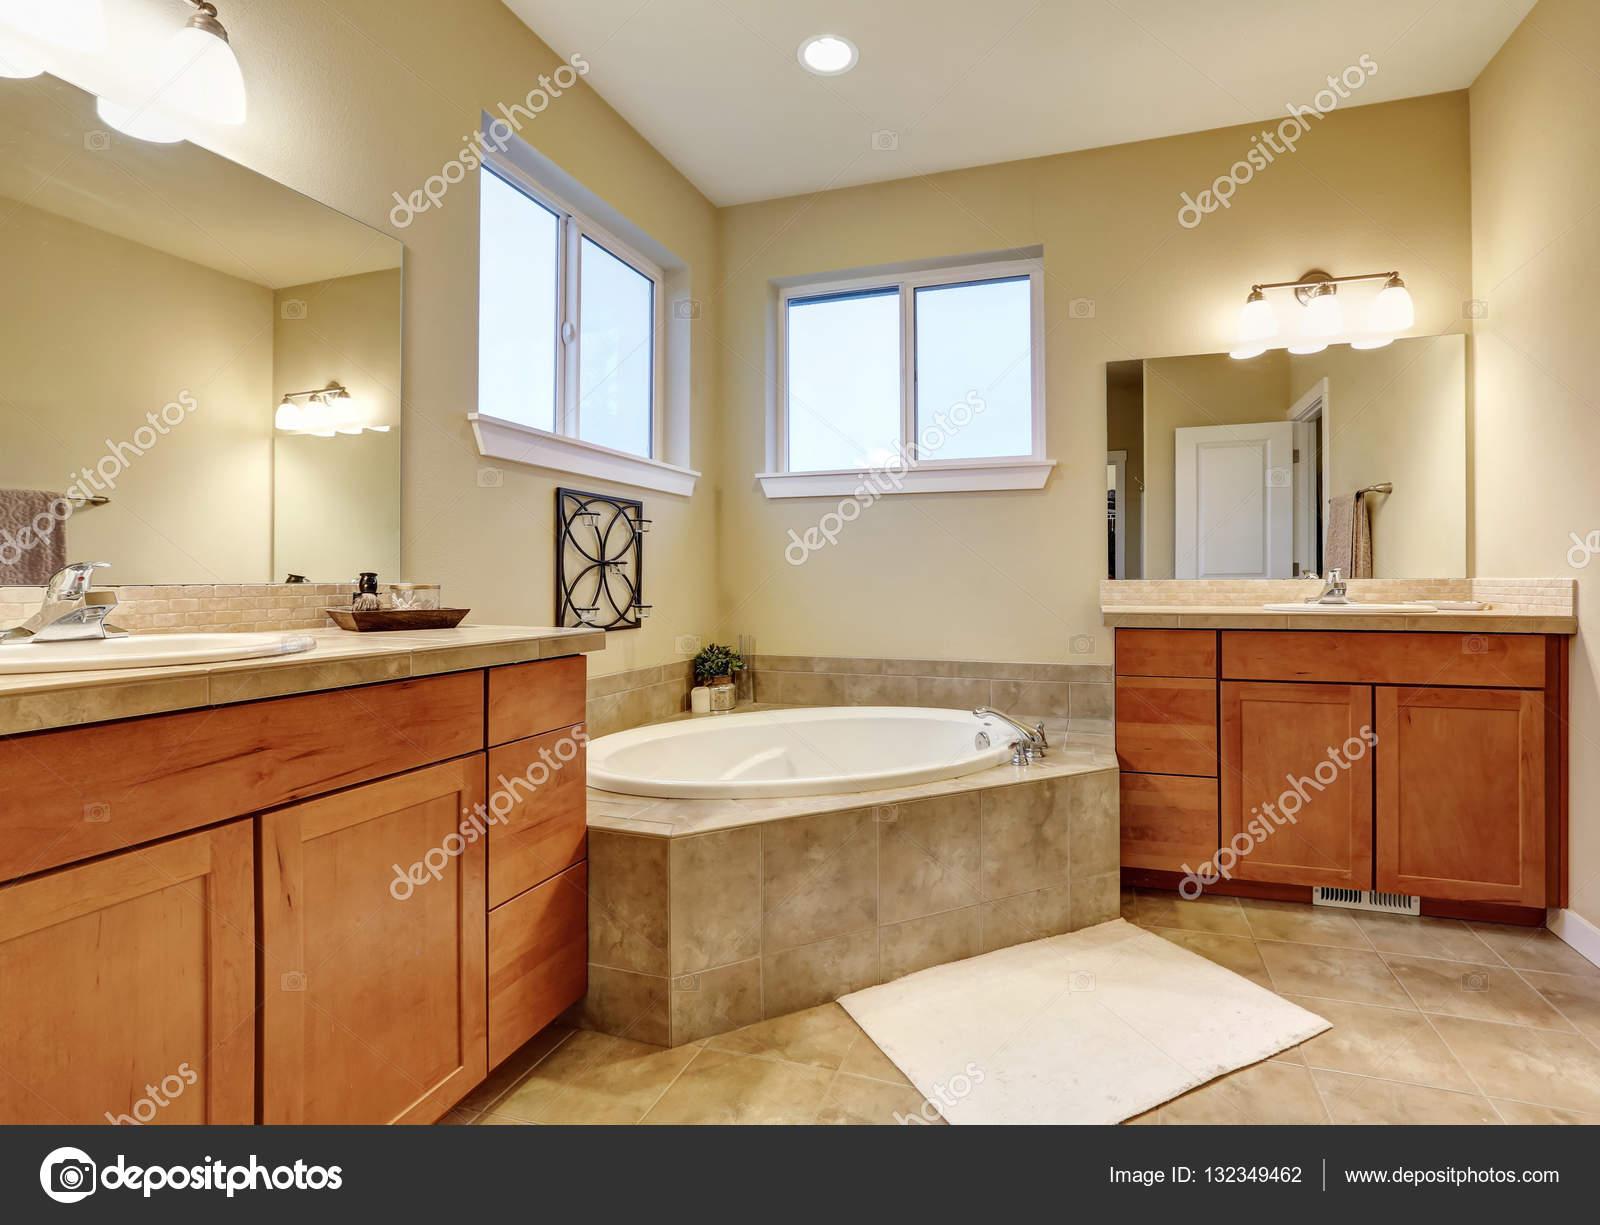 Interiore della stanza da bagno con due lavabo e vasca da bagno ...